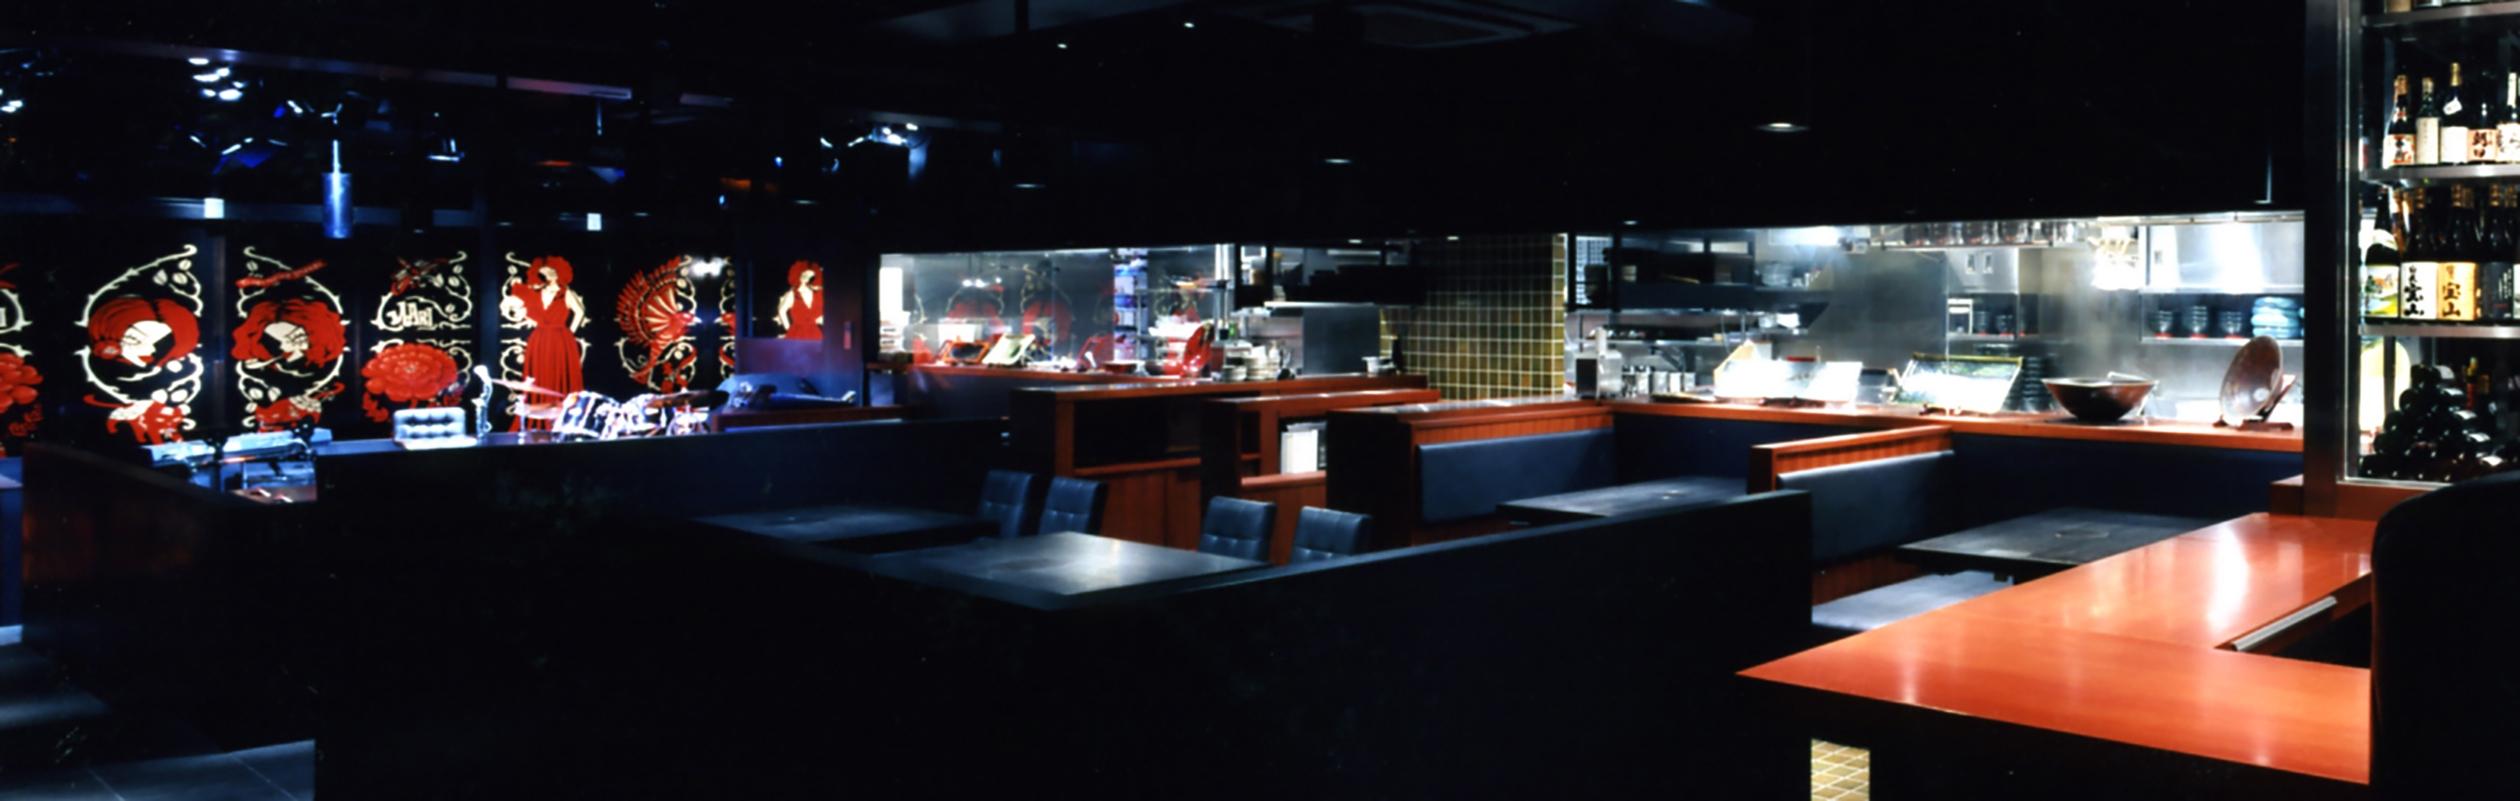 麺匠の心つくし つるとんたん 新宿店 イメージ写真